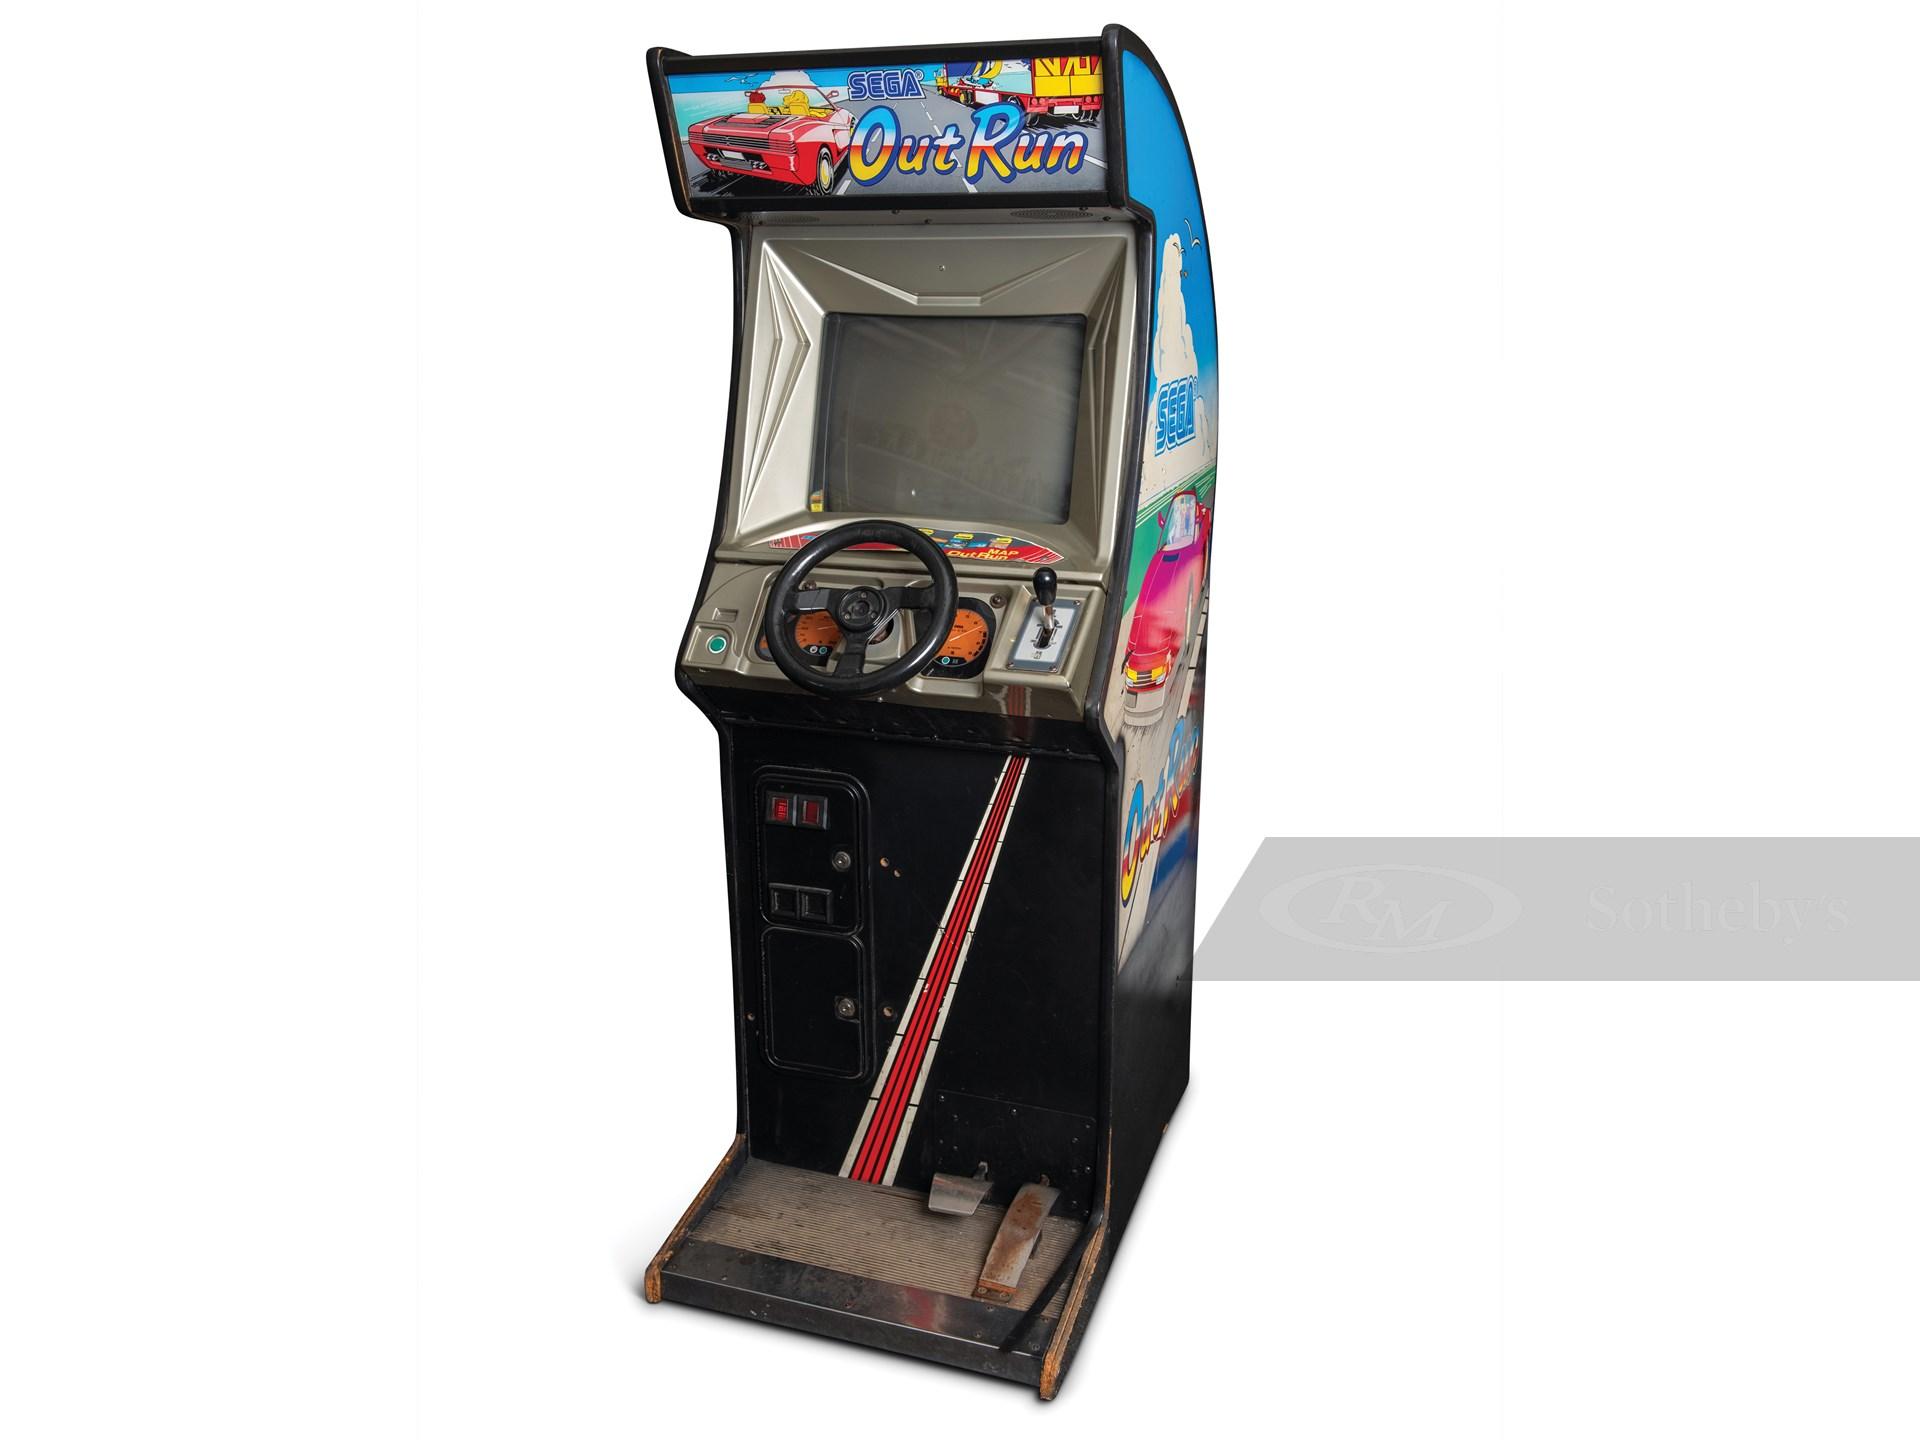 Out Run Arcade Game by SEGA -